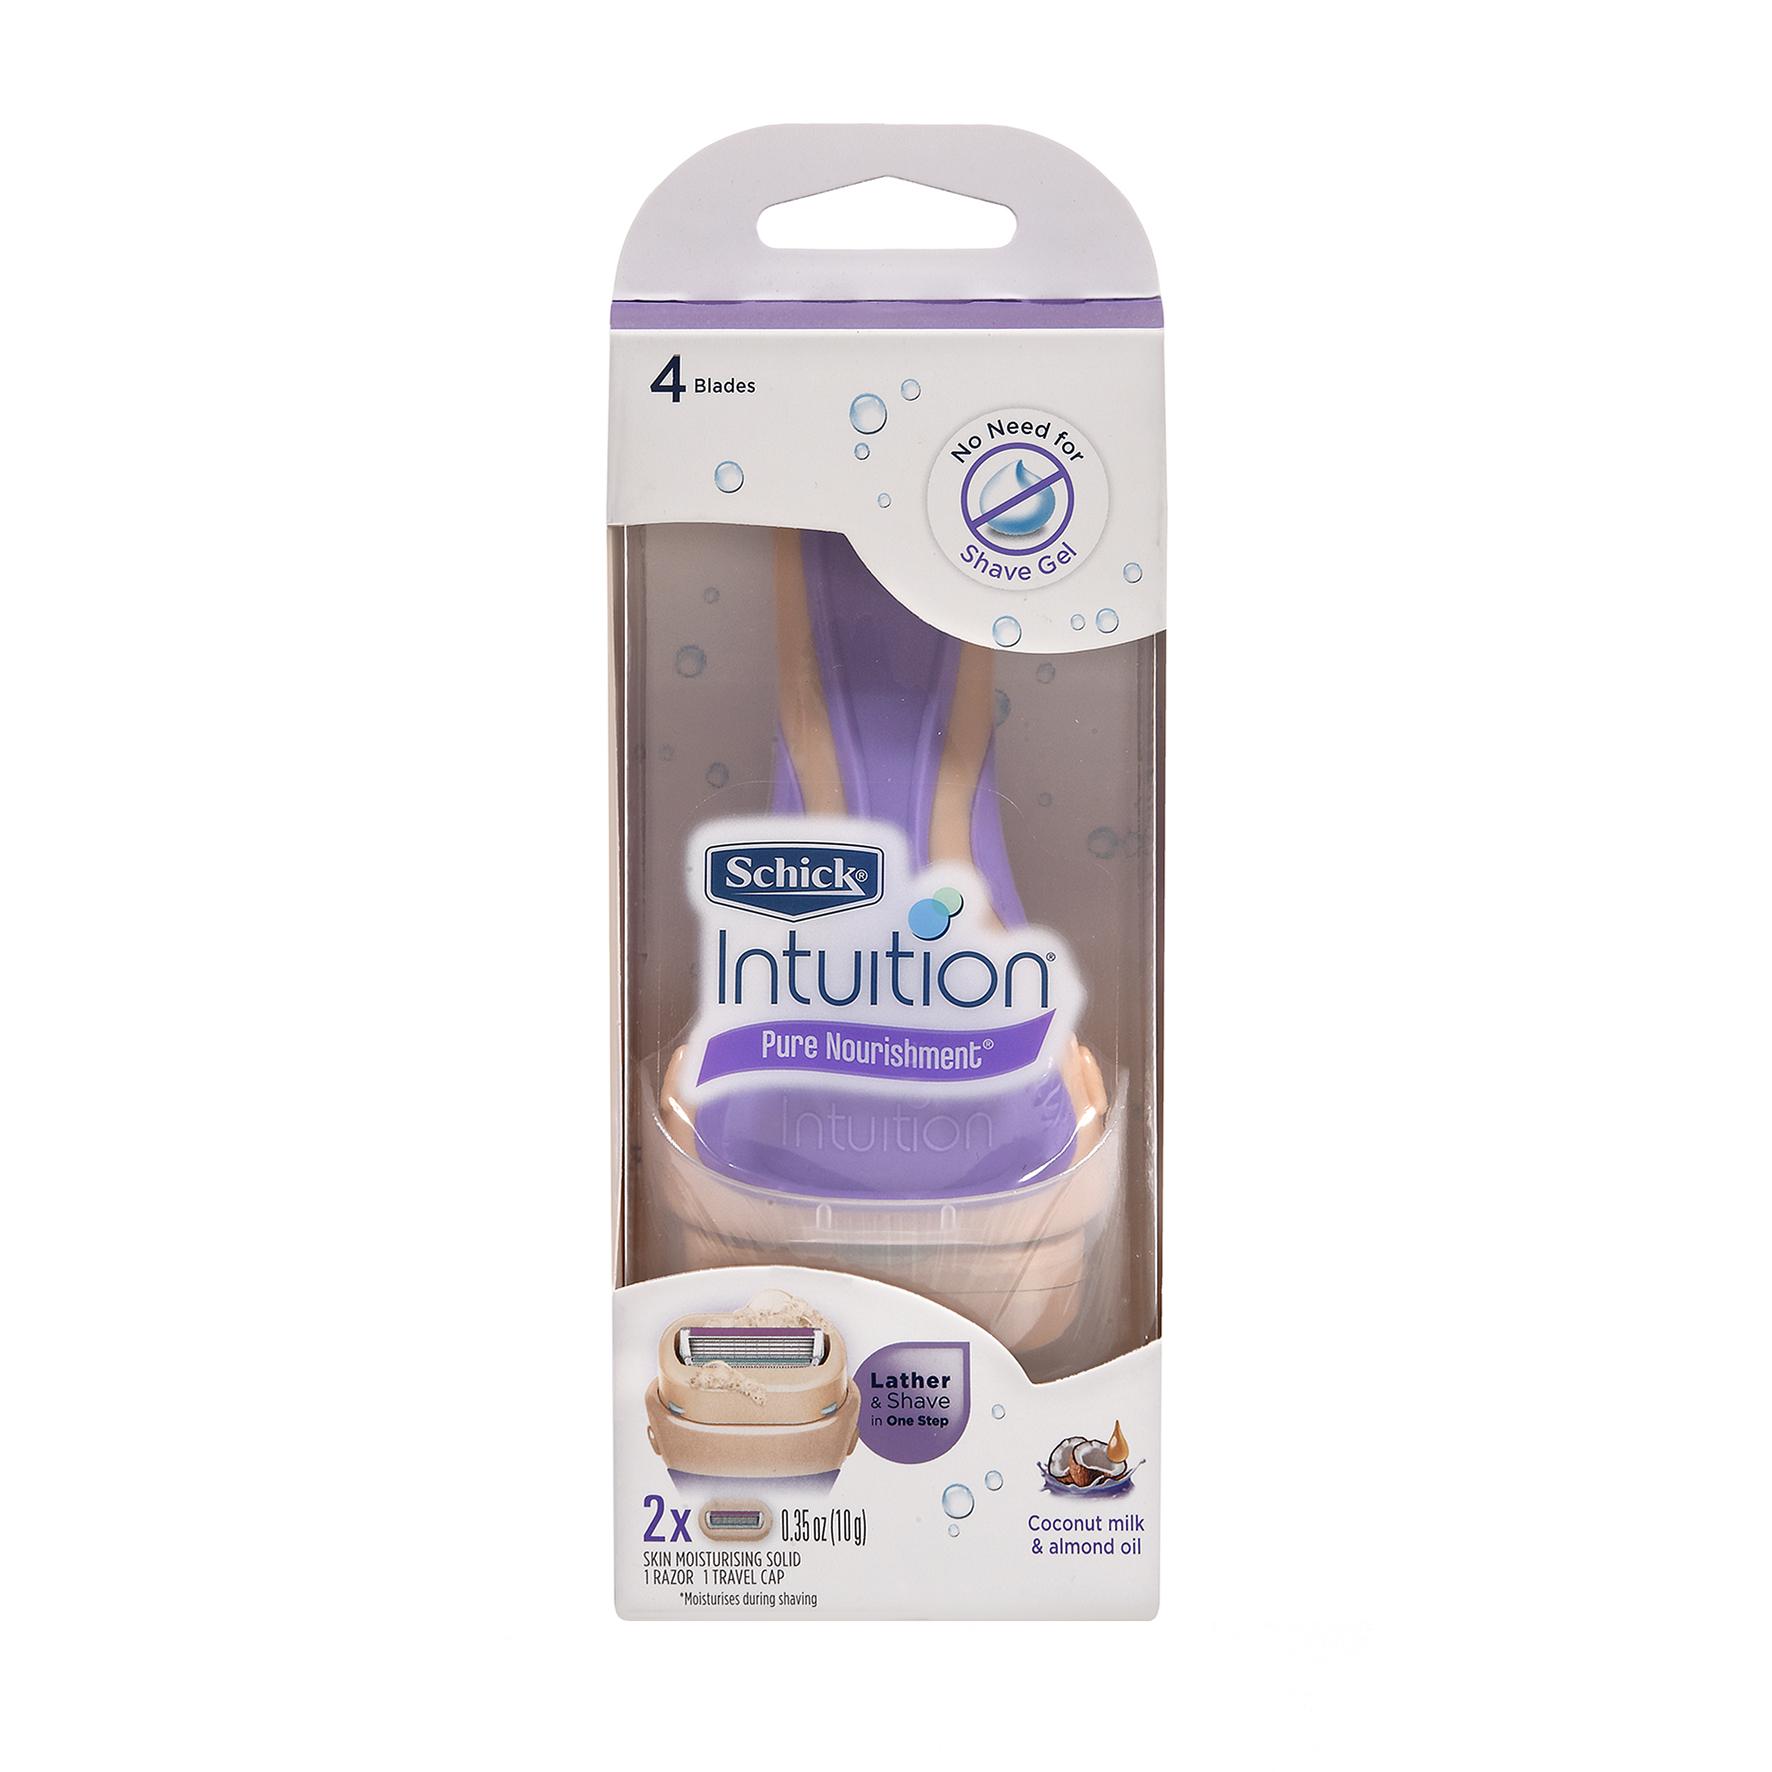 סכין שיק אינטואישן עם ראש הסבון. מחיר השקה מוערך לצרכן – 24.90 ₪ צילום – אפרת אשל (2)